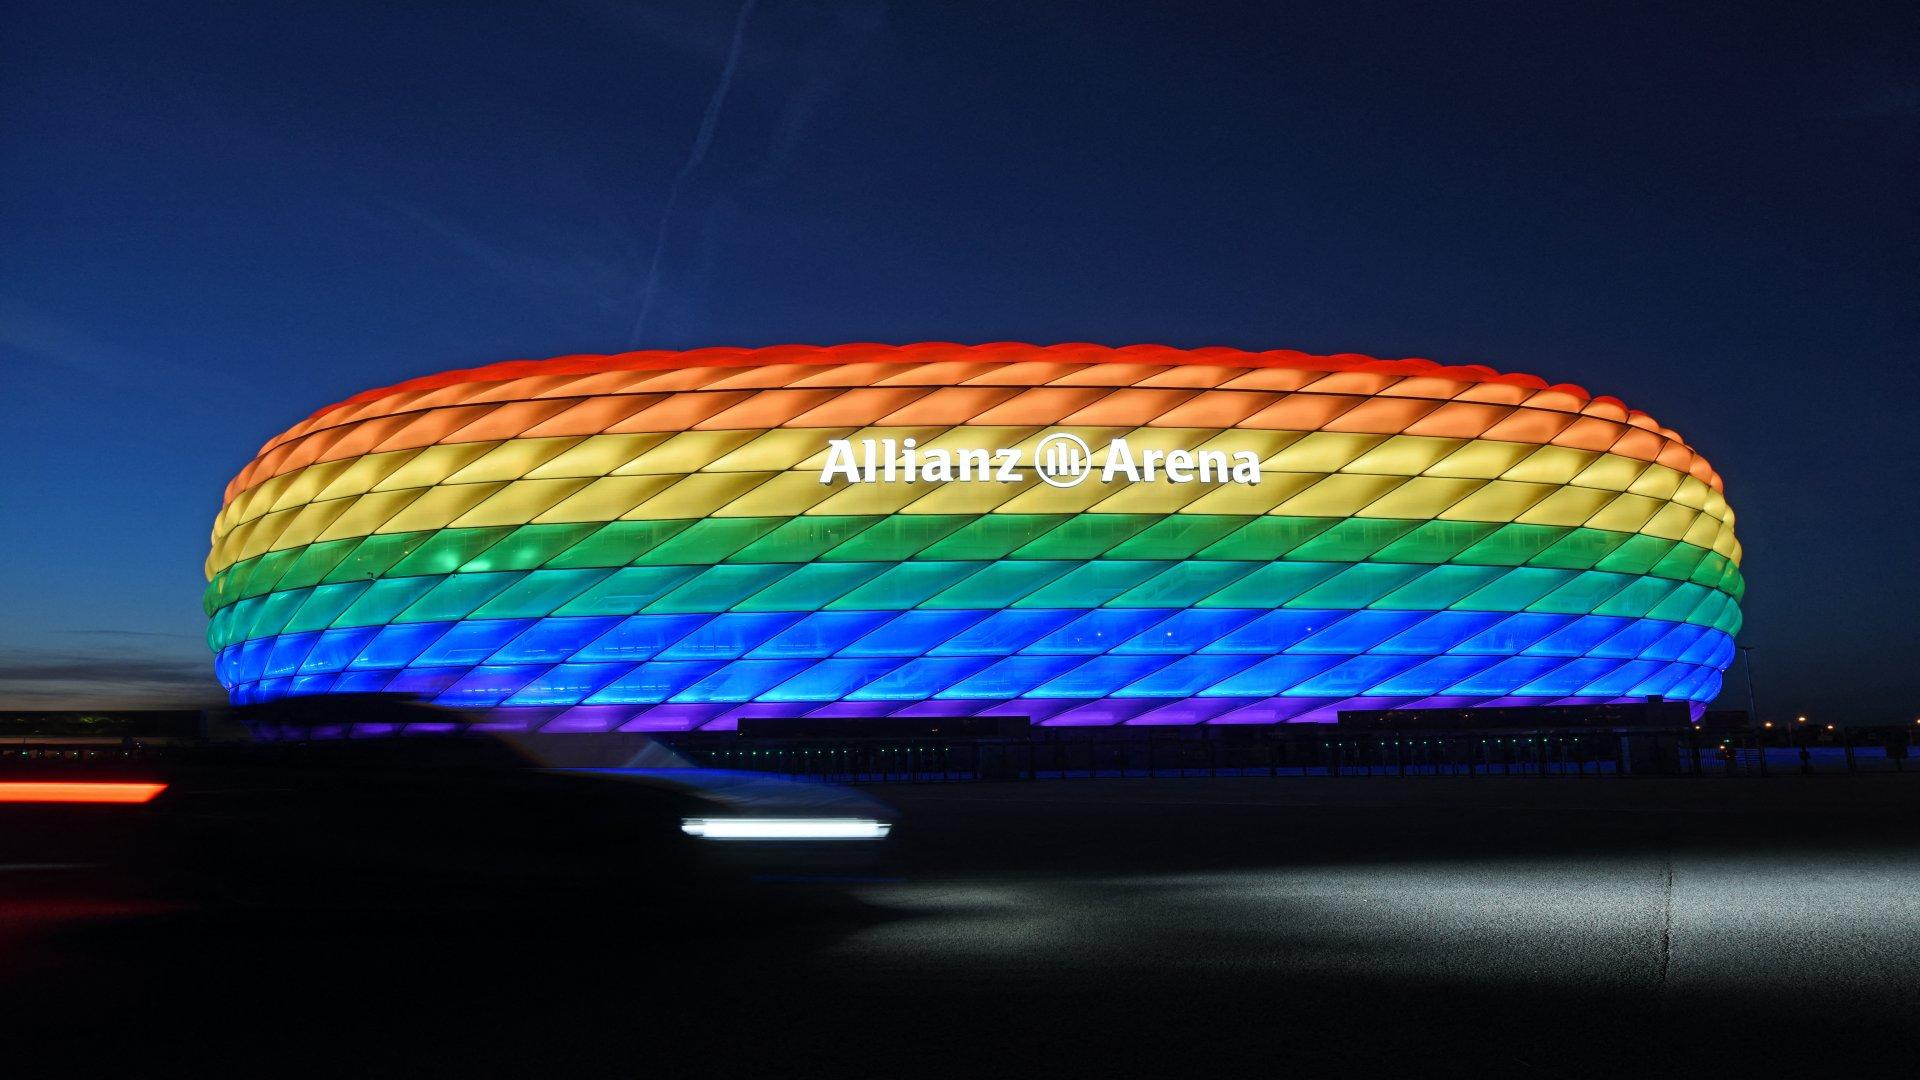 Szivárványszínű világított stadion Münchenben